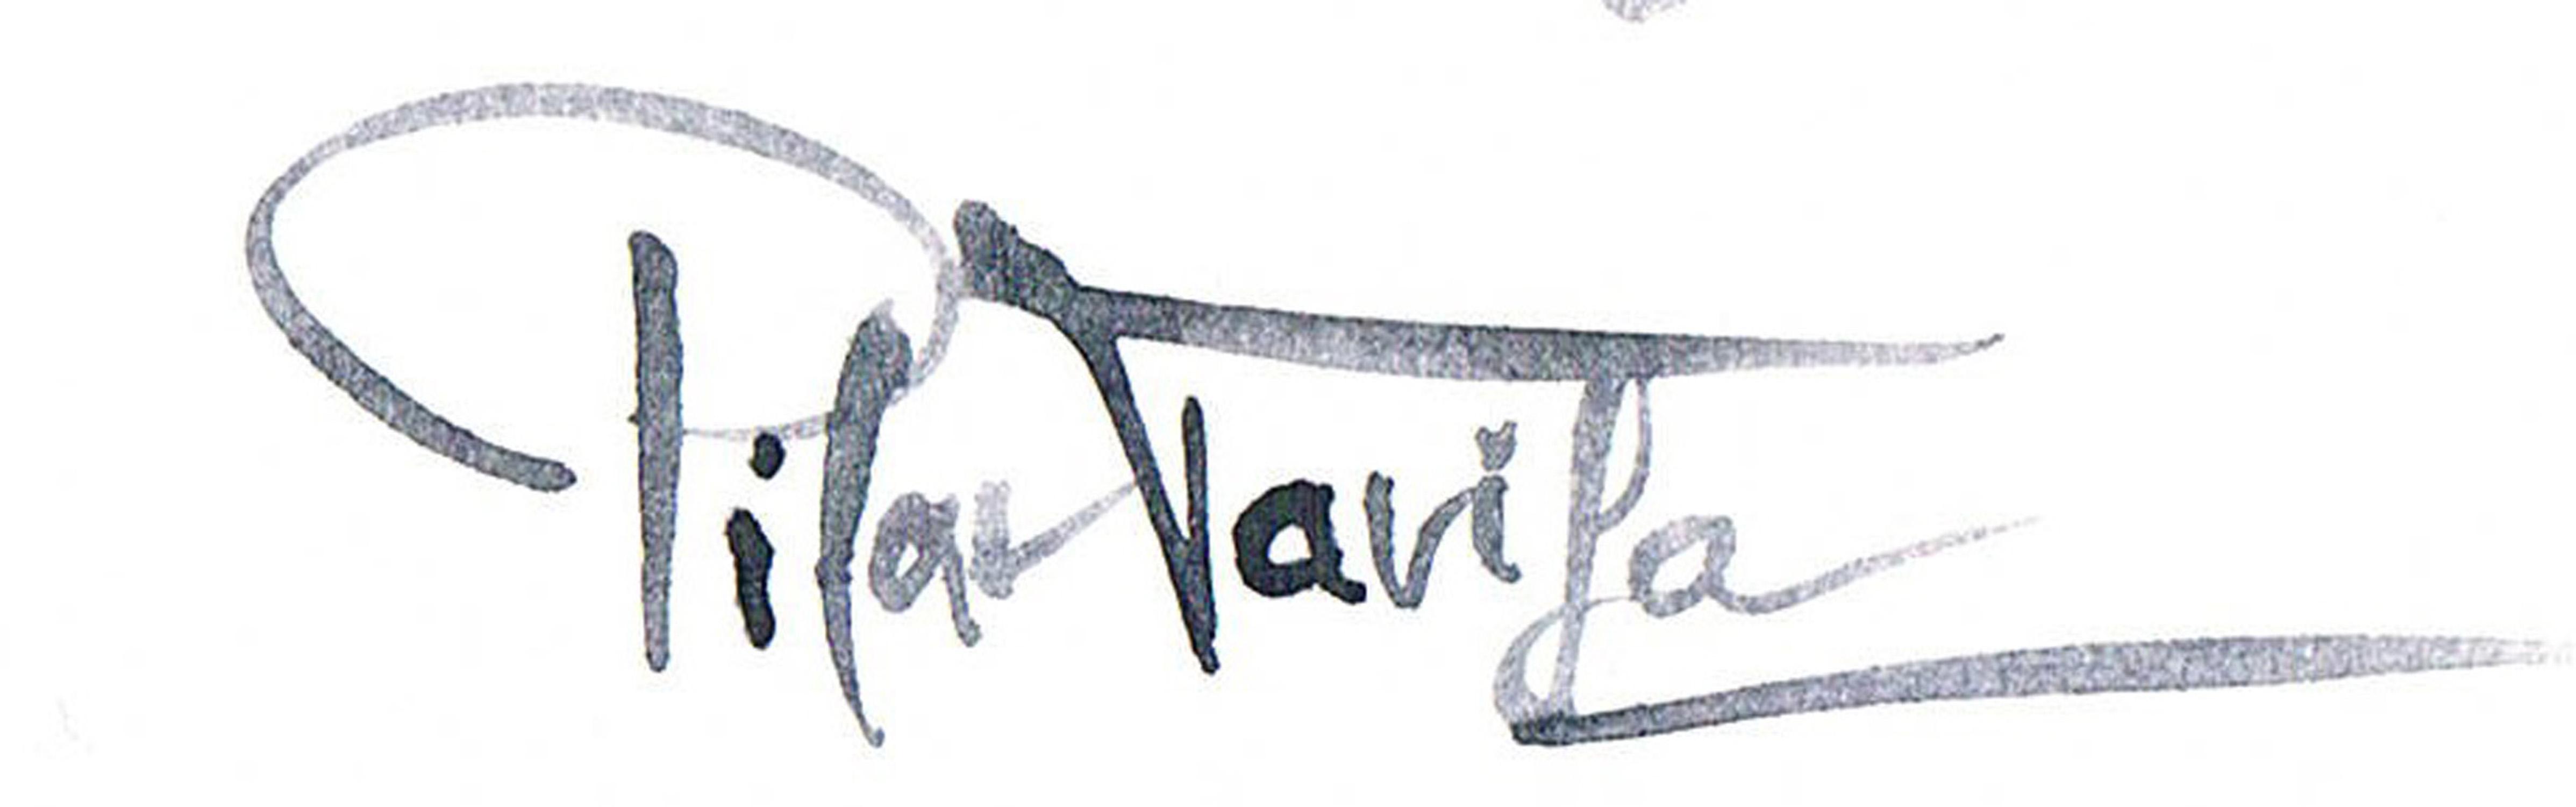 PILAR TARIFA Signature